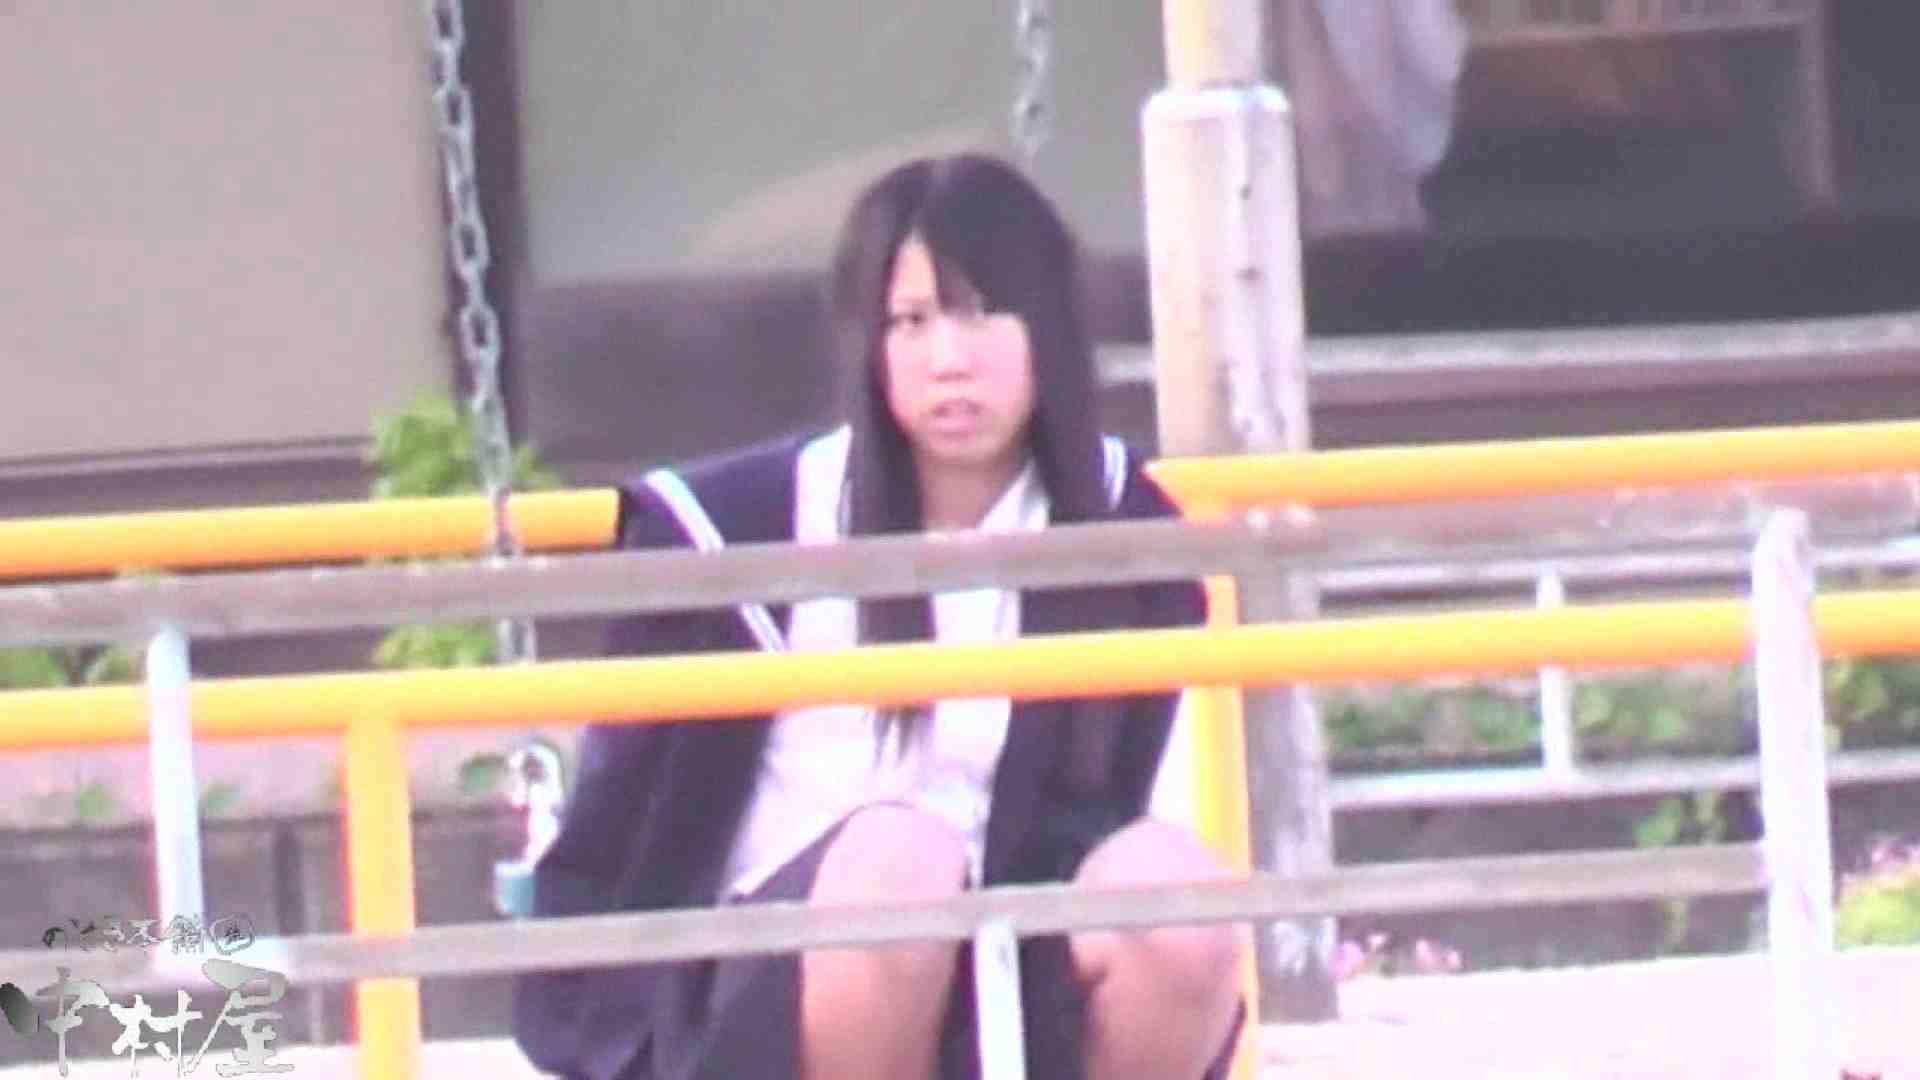 ドキドキ❤新入生パンチラ歓迎会vol.20 乙女 | パンチラ  81枚 11